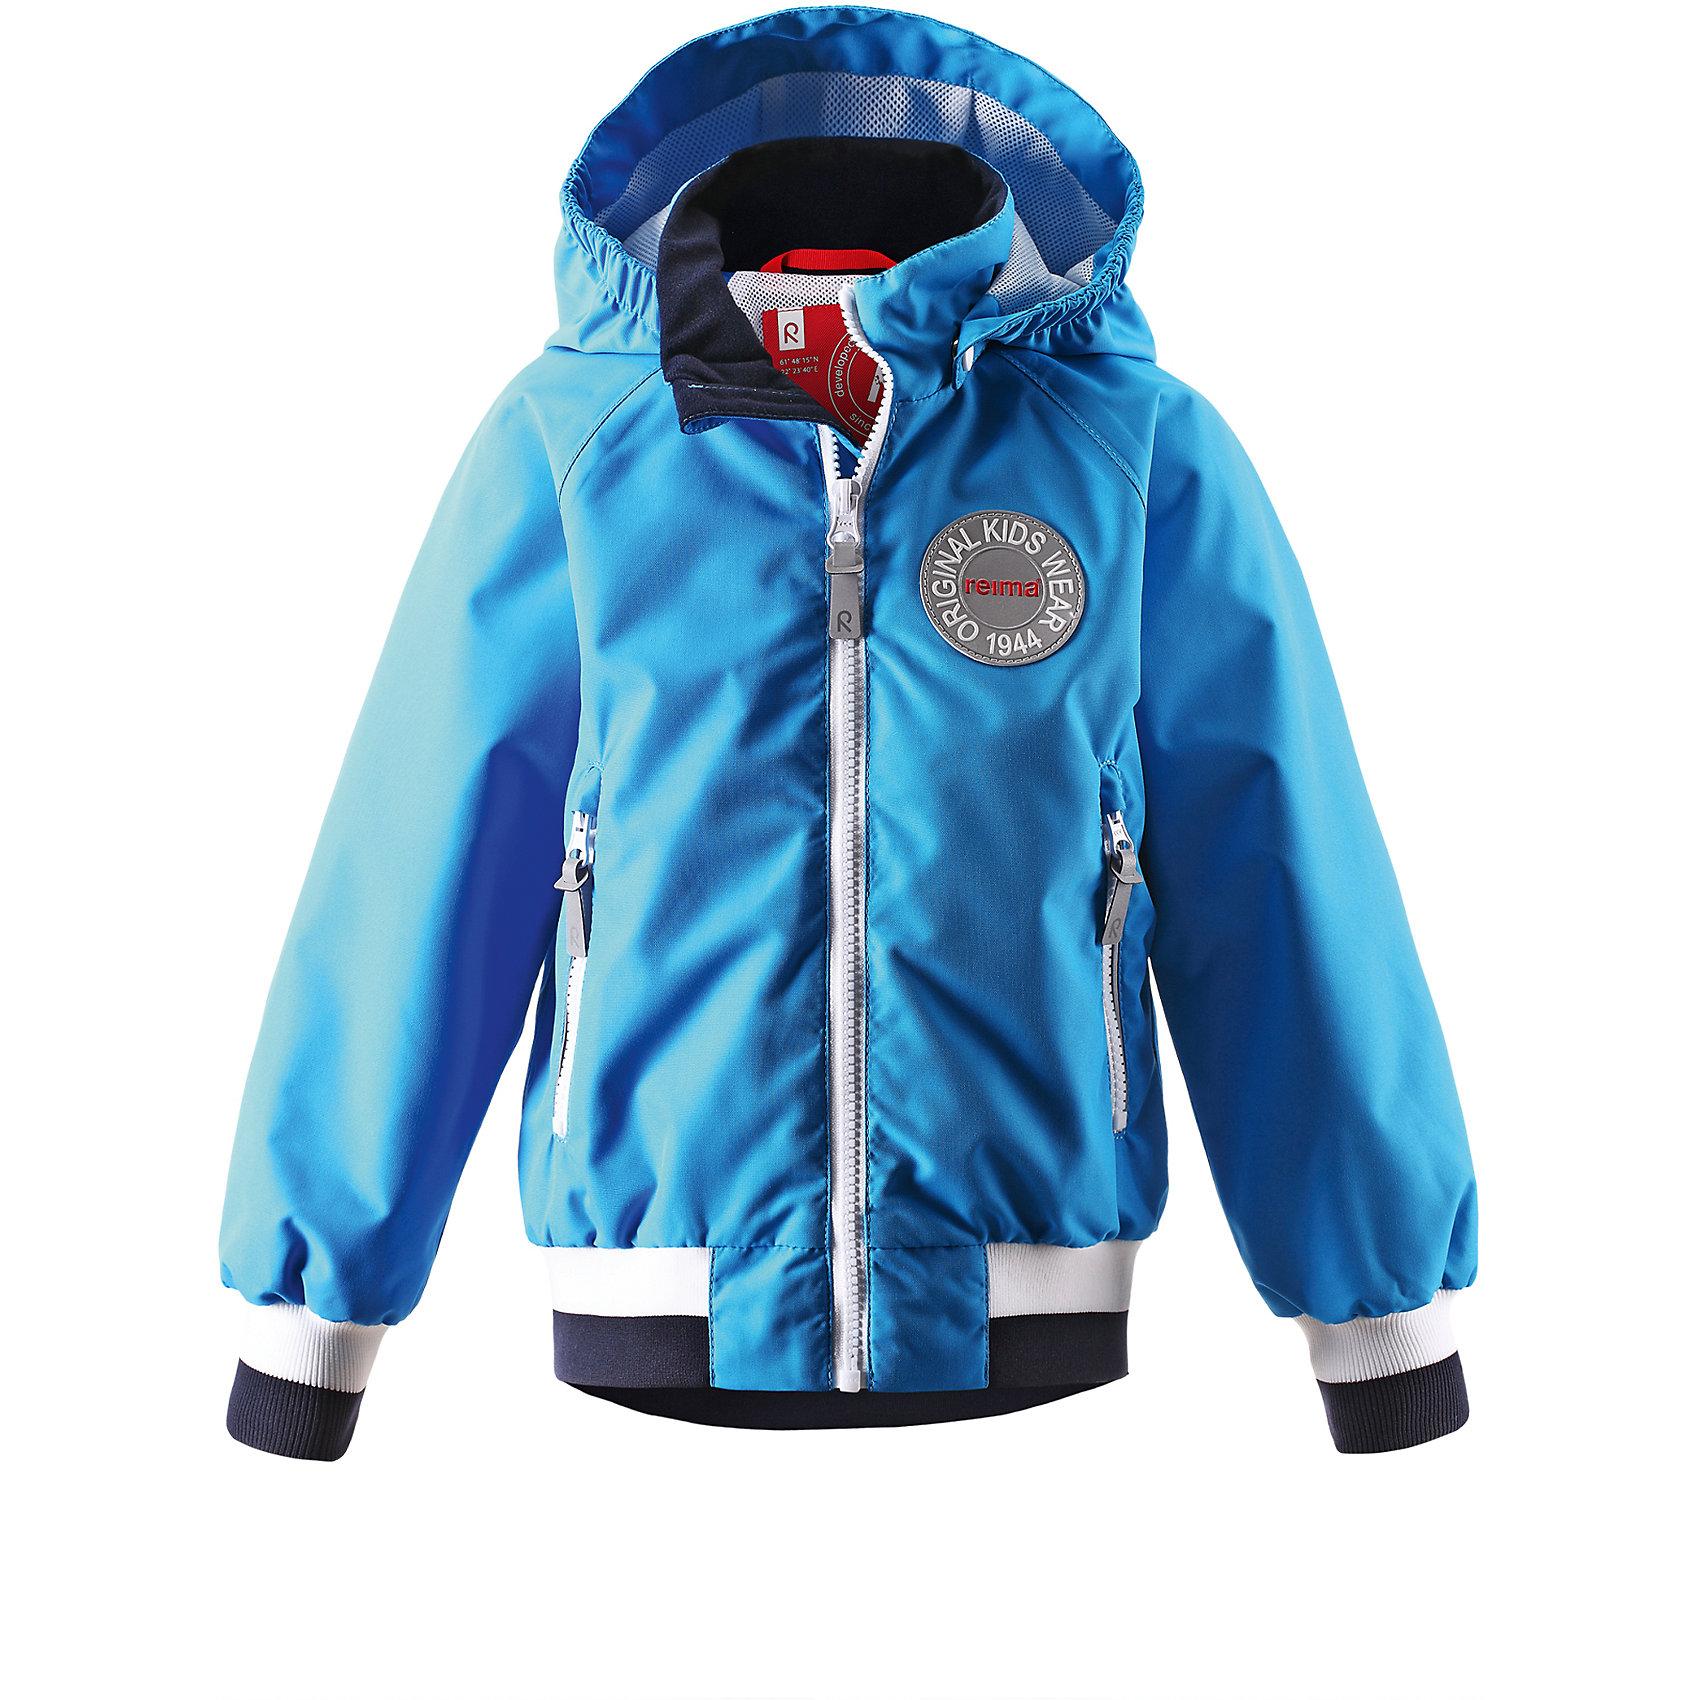 Куртка для мальчика ReimaК весне готовы? Вот самая крутая куртка сезона! Мы создали эту детскую демисезонную куртку в духе одежды Reima® 70-х и завершили образ современными спортивными штрихами. Стильные, но при этом практичные детали делают эту модель очень оригинальной: манжеты и подол на резинке обеспечивают удобную посадку по фигуре, а большая эмблема Reima® спереди придает куртке классный вид. Материал куртки водо-и грязеотталкивающий, а все основные швы проклеены, водонепроницаемы, поэтому малыши могут на полную наслаждаться весенними приключениями! Красивая и гладкая подкладка из mesh-сетки увеличивает воздухопроводимость и хорошо смотрится. Безопасный съемный капюшон легко отстегивается, если случайно за что-нибудь зацепится, а два удобных кармана на молнии надежно сохранят все найденные за день маленькие сокровища. Вот что значит «весело и практично»!<br><br>Дополнительная информация:<br><br>Куртка демисезонная для детей<br>Основные швы проклеены и не пропускают влагу<br>Водоотталкивающий, ветронепроницаемый, «дышащий» и грязеотталкивающий материал<br>Подкладка из mesh-сетки<br>Безопасный, съемный капюшон<br>Приятная на ощупь резинка на манжетах и подоле<br>Два кармана на молнии<br>Состав:<br>100% ПЭ, ПУ-покрытие<br>Уход:<br>Стирать по отдельности, вывернув наизнанку. Застегнуть молнии и липучки. Стирать моющим средством, не содержащим отбеливающие вещества. Полоскать без специального средства. Во избежание изменения цвета изделие необходимо вынуть из стиральной машинки незамедлительно после окончания программы стирки. Сушить при низкой температуре.<br><br>Ширина мм: 356<br>Глубина мм: 10<br>Высота мм: 245<br>Вес г: 519<br>Цвет: голубой<br>Возраст от месяцев: 36<br>Возраст до месяцев: 48<br>Пол: Мужской<br>Возраст: Детский<br>Размер: 104,122,116,110,98,92<br>SKU: 4497317